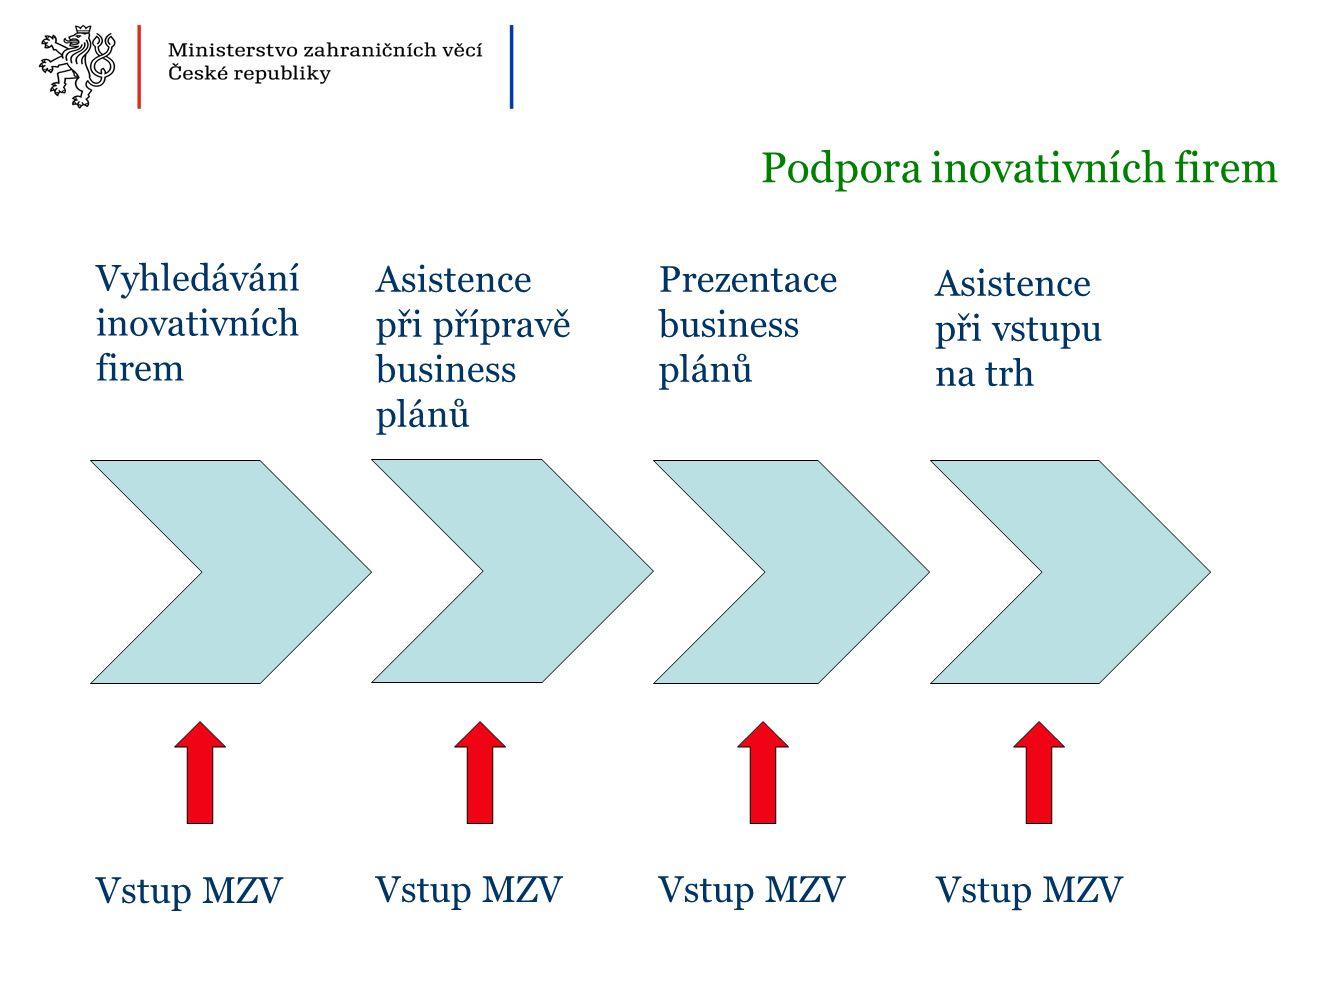 Podpora inovativních firem Vyhledávání inovativních firem Asistence při přípravě business plánů Prezentace business plánů Asistence při vstupu na trh Vstup MZV